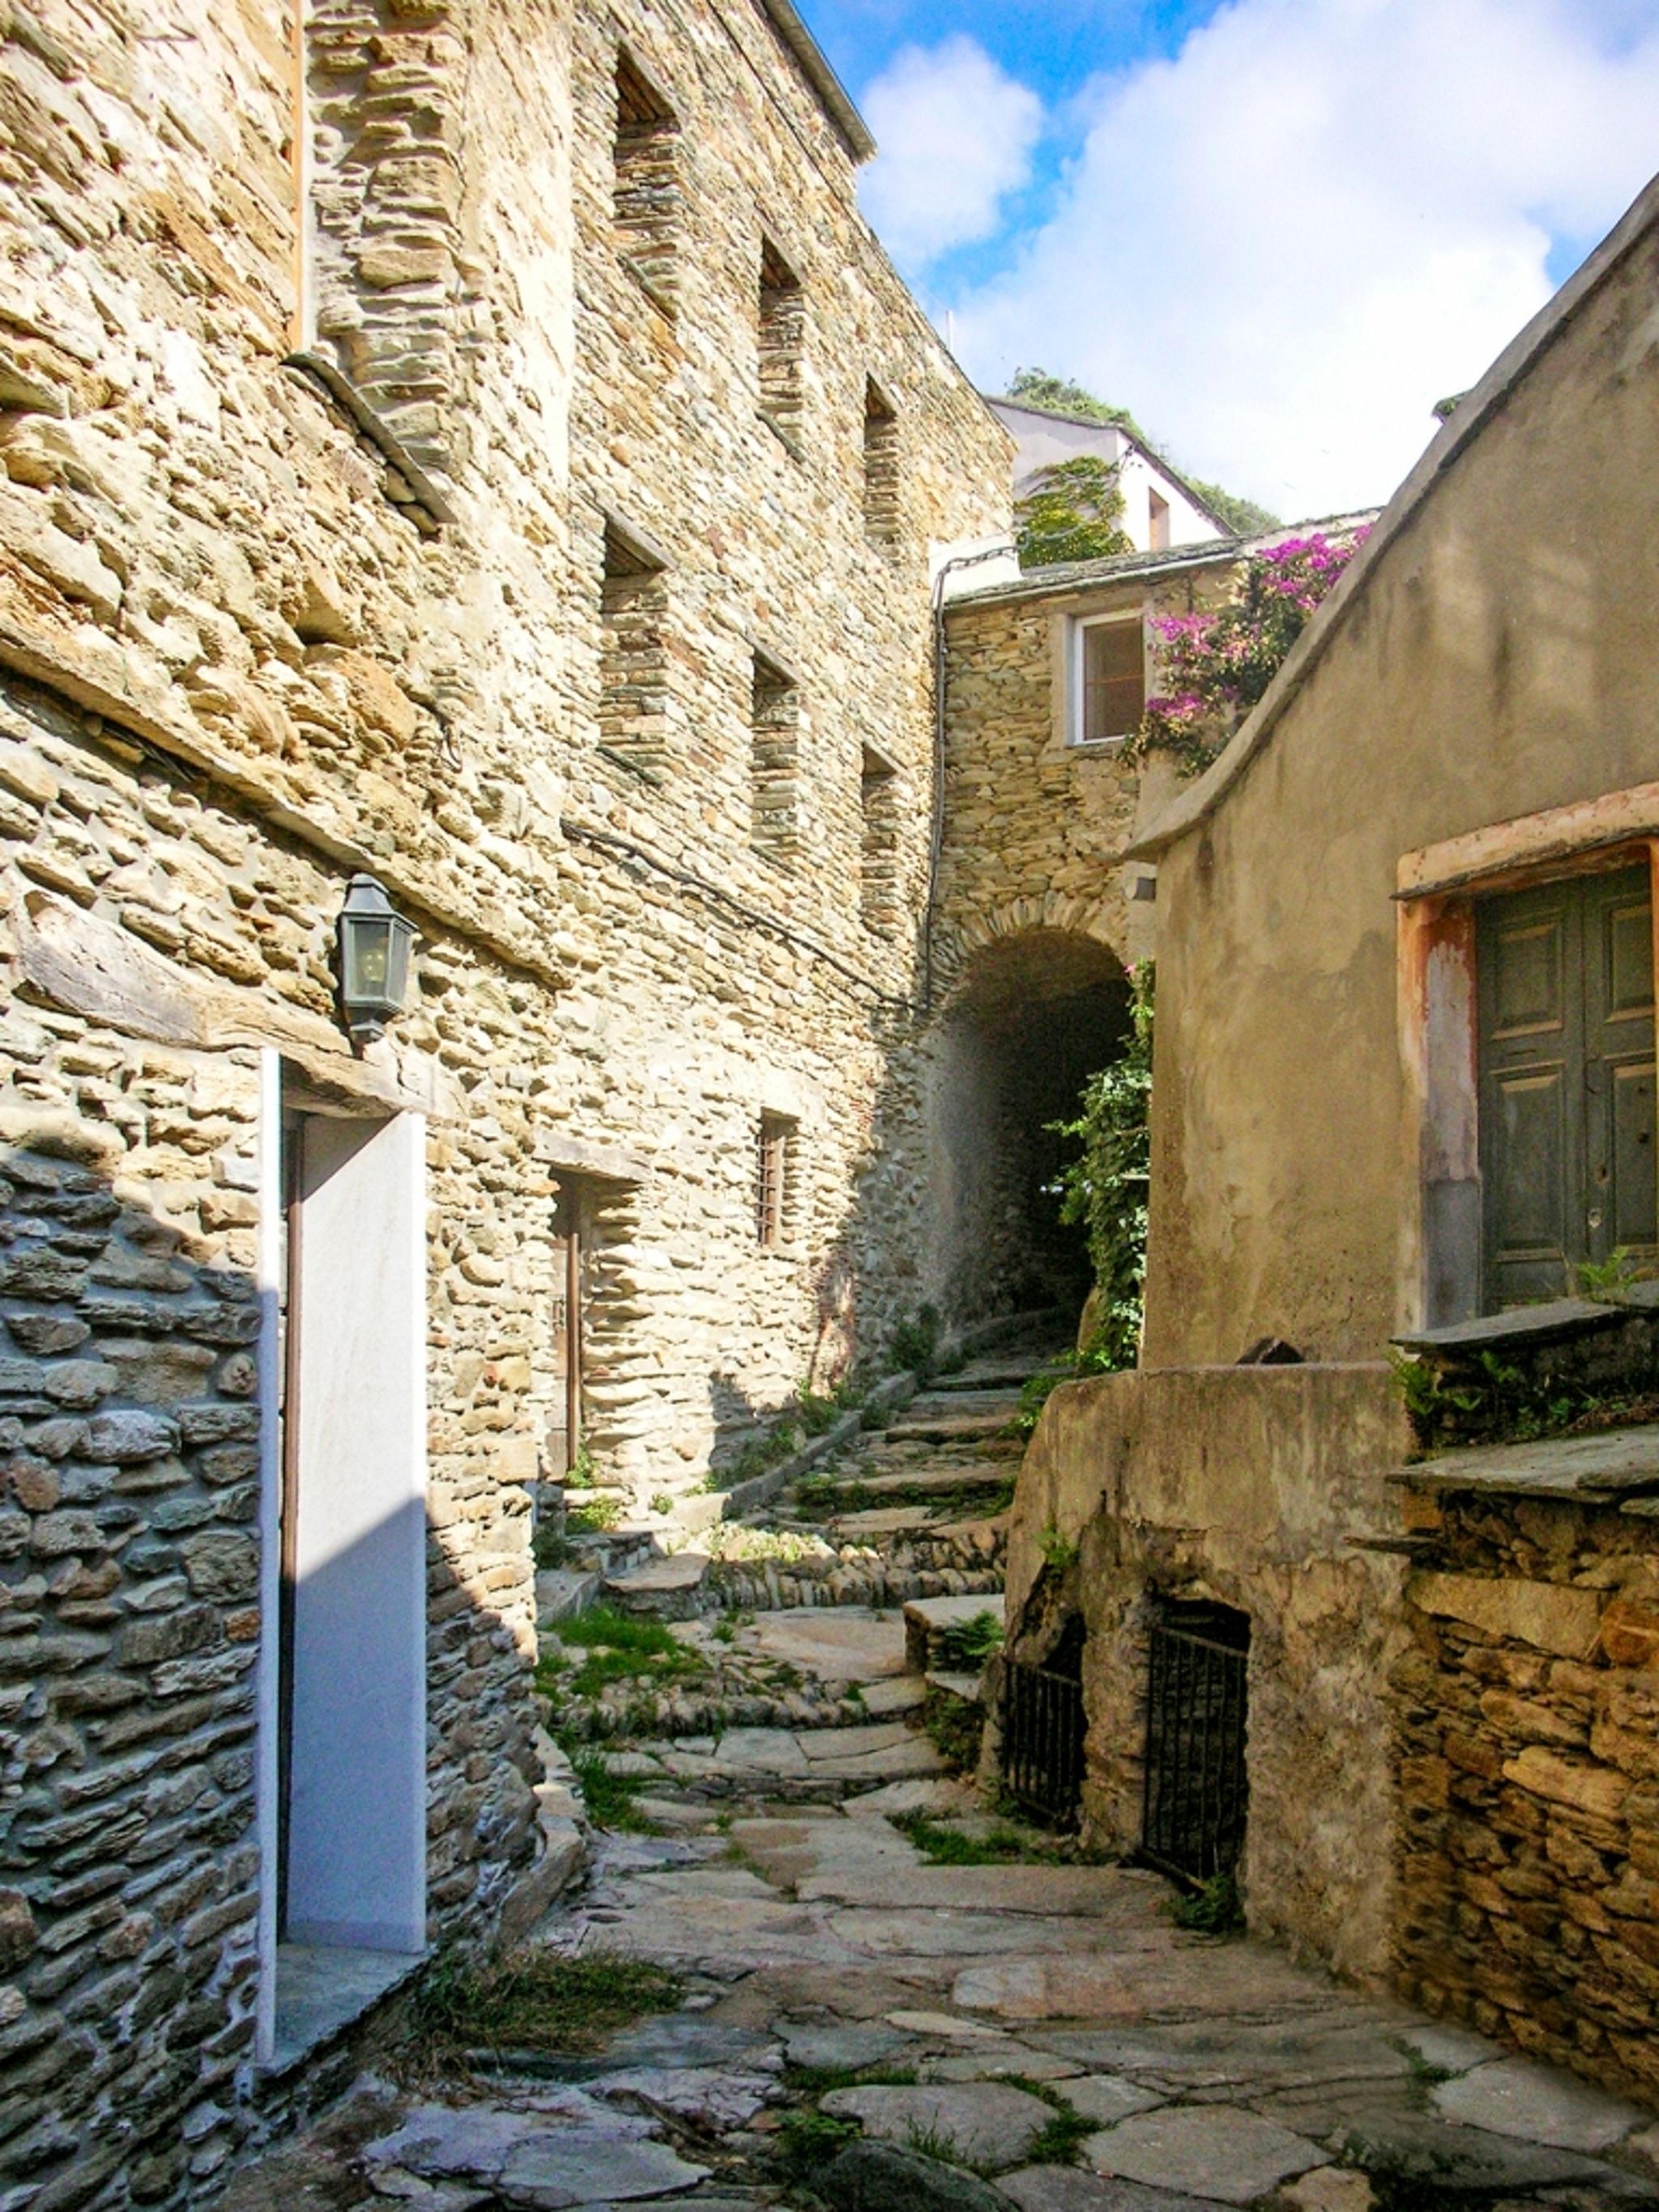 Ferienhaus Herrliches Haus mit neun Schlafzimmern und grandiosem Blick aufs Meer im hübschen Dörfchen (2202571), Centuri, Nordkorsika, Korsika, Frankreich, Bild 32